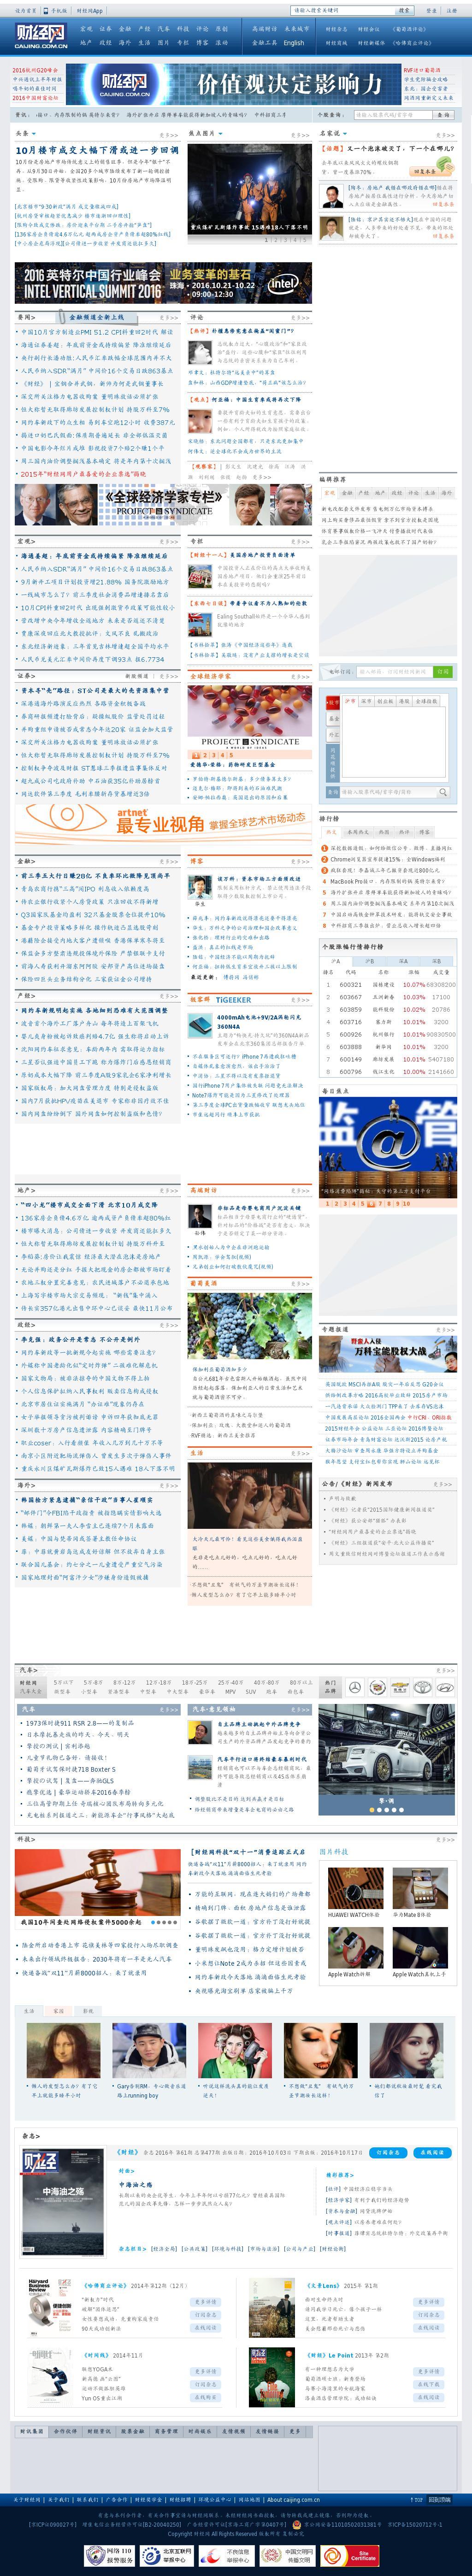 Caijing at Tuesday Nov. 1, 2016, 2:01 a.m. UTC